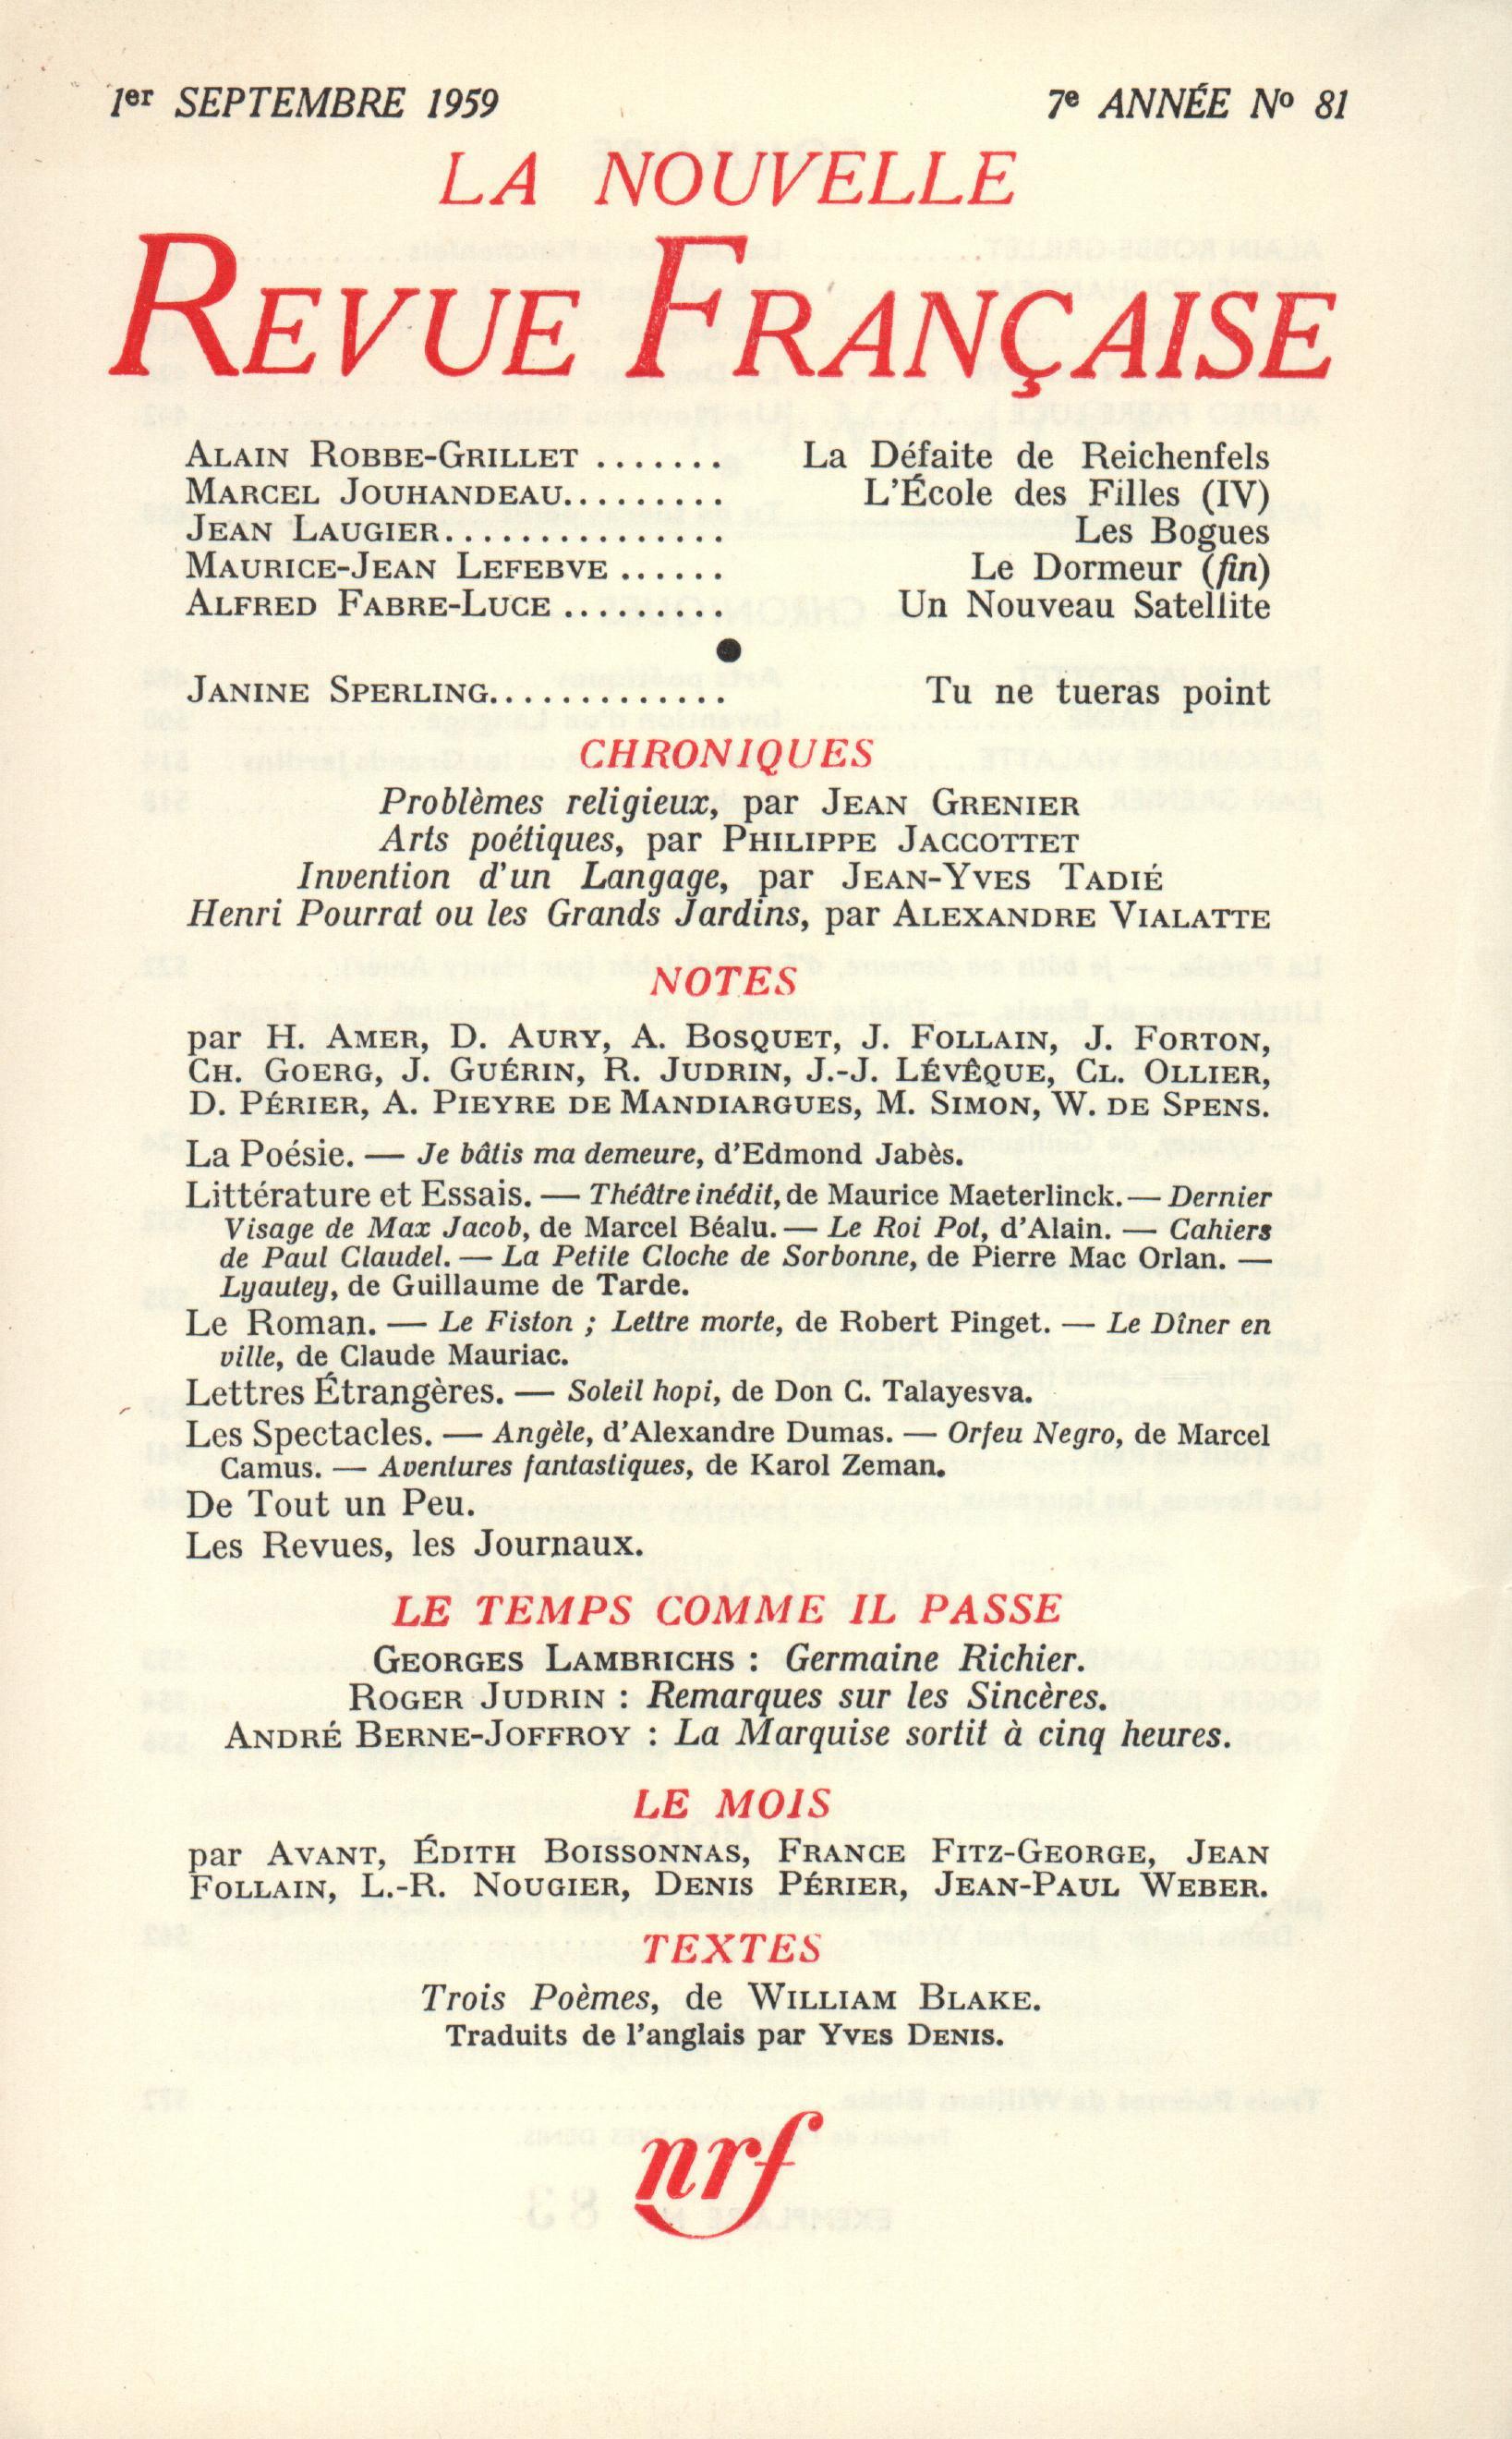 La Nouvelle Revue Française N' 81 (Septembre 1959)